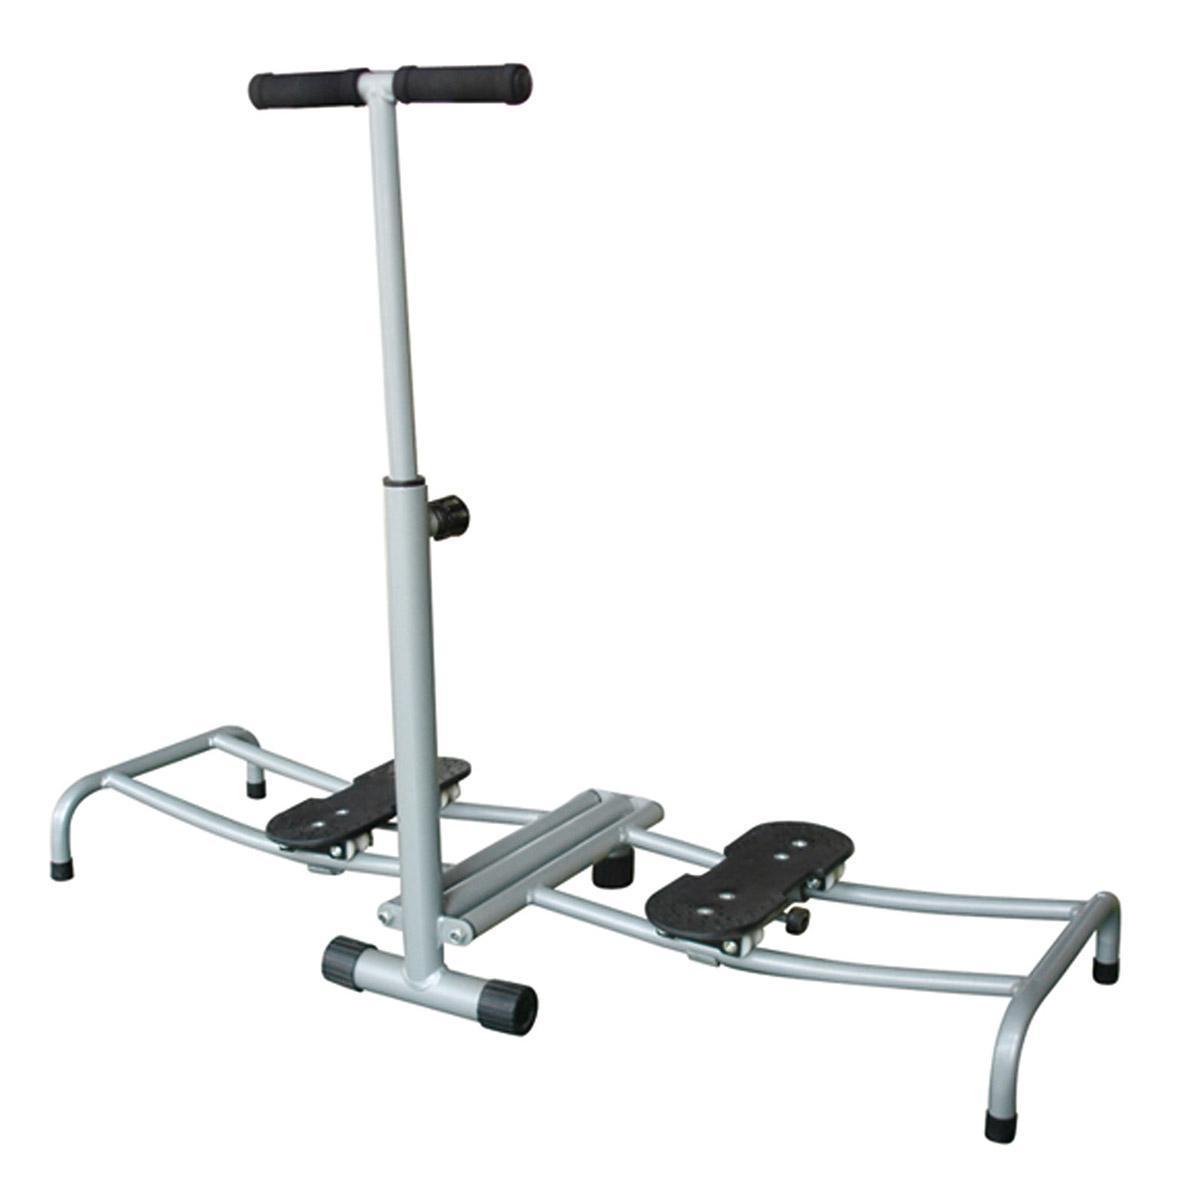 Тренажер для ног Easy Leg. TF1067TF1067Тренажер Easy Leg задействует более 200 мышц во время тренировки, заставляя работать и внутреннюю и внешнюю поверхность бедер, и тренирует нижние мышцы живота. Чтобы получить результат от занятий с тренажером, вам потребуется тратить на тренировку всего по 2-3 минуты в день. Тренажер очень прост в установке, использовании, транспортировке и не займет много места в квартире. Красивые, стройные бедра и упругие ягодицы. Тренажер для проблемных зон женского тела. Ручка регулируется по высоте. К тренажеру прилагается инструкция по сборке и эксплуатации на русском языке. Характеристики: Материал: металл, пластик. Размер тренажера (в собранном виде): 103 см х 45 см х 92 см. Мах вес пользователя: 100 кг. Размер упаковки: 60 см х 20 см х 40 см. Производитель: Китай. Артикул: TF1067.